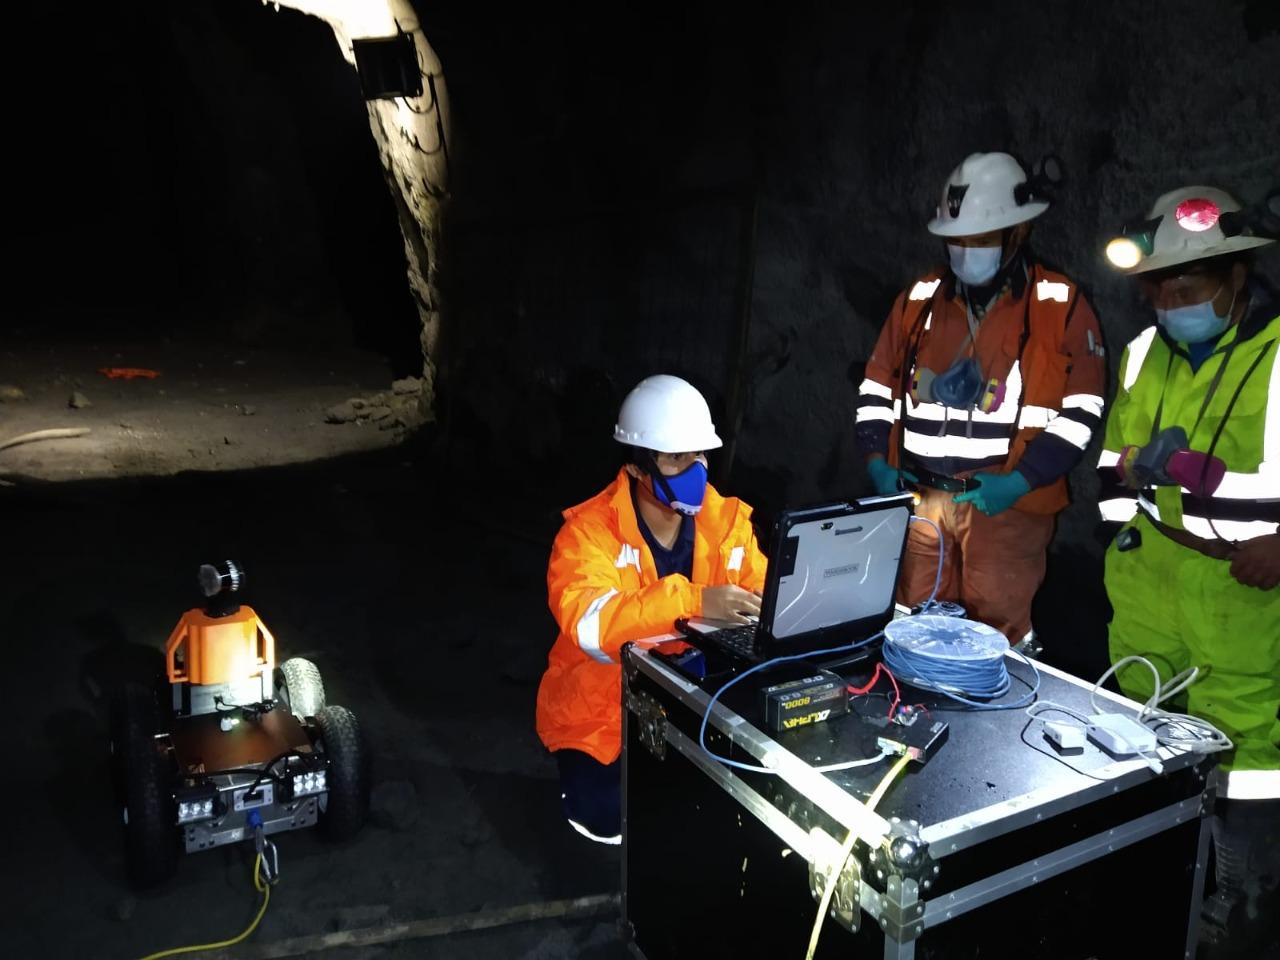 Nuevos paradigmas en minería: Robótica facilita la inspección de infraestructuras de difícil acceso